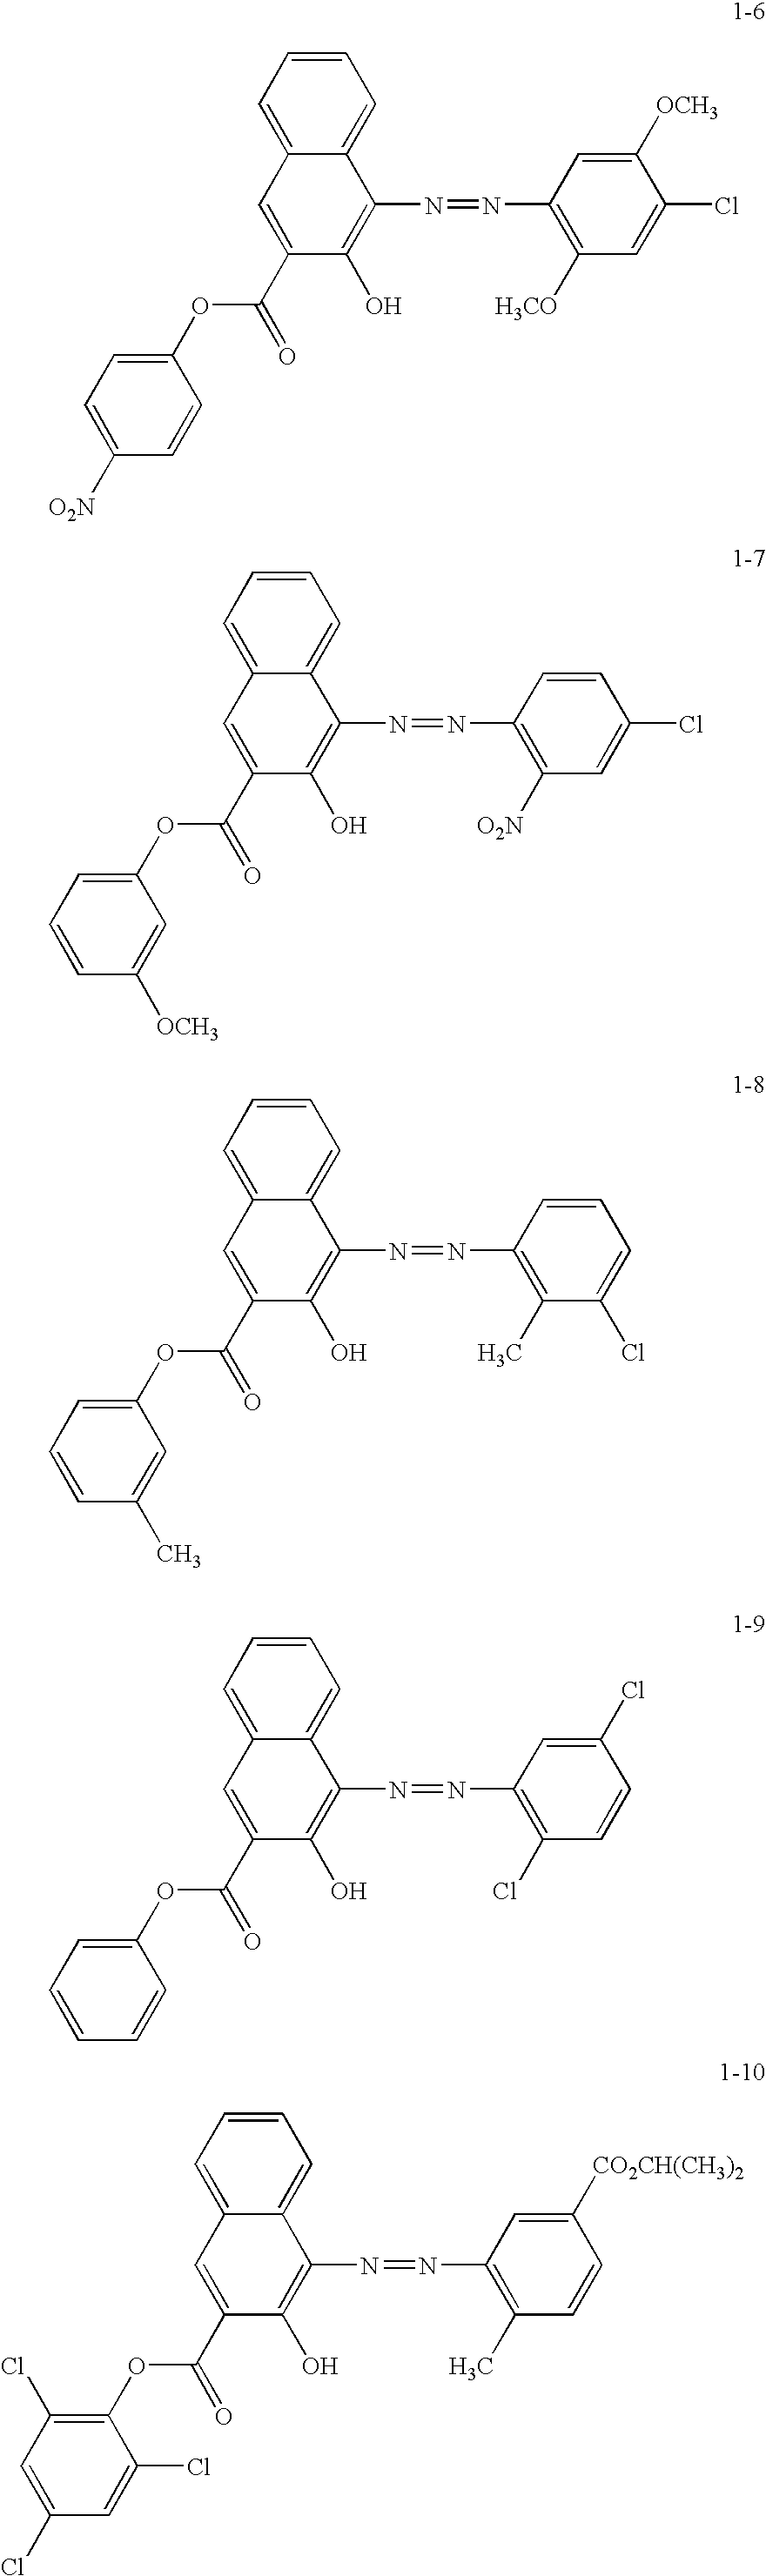 Figure US07160380-20070109-C00012